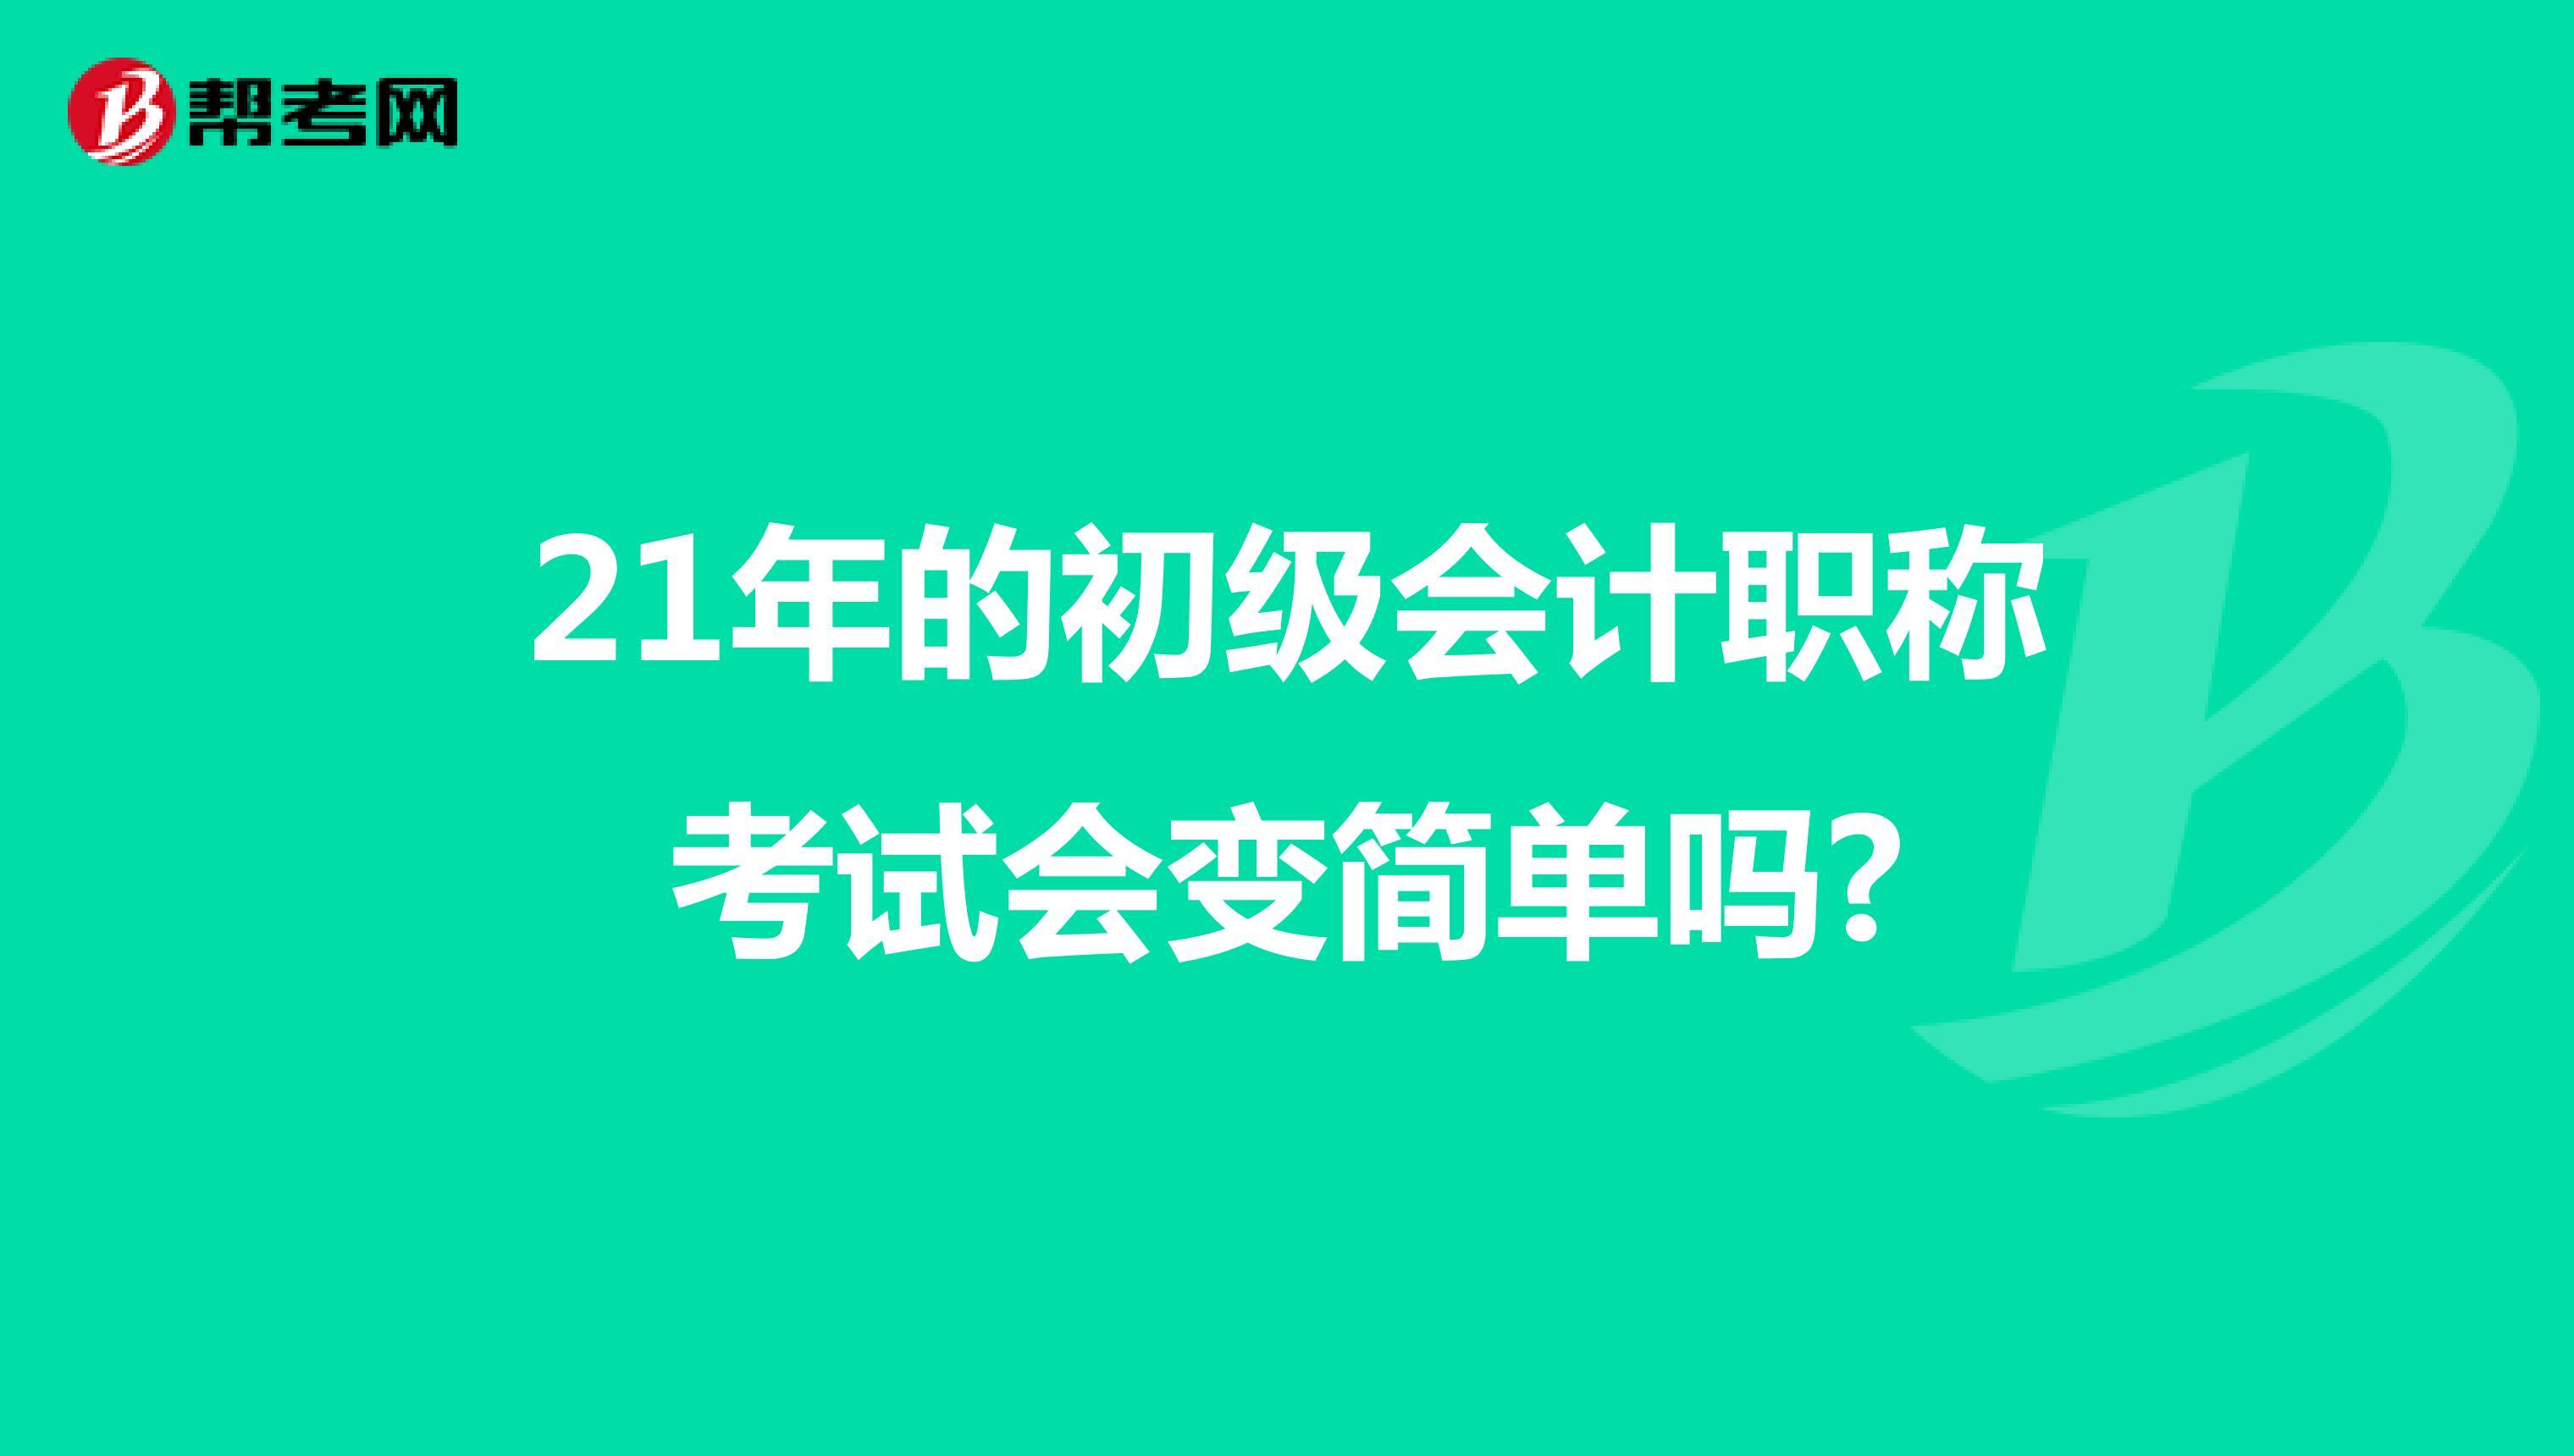 21年的(威廉希尔指数欧500指数)初级会计app考试会变简单吗?